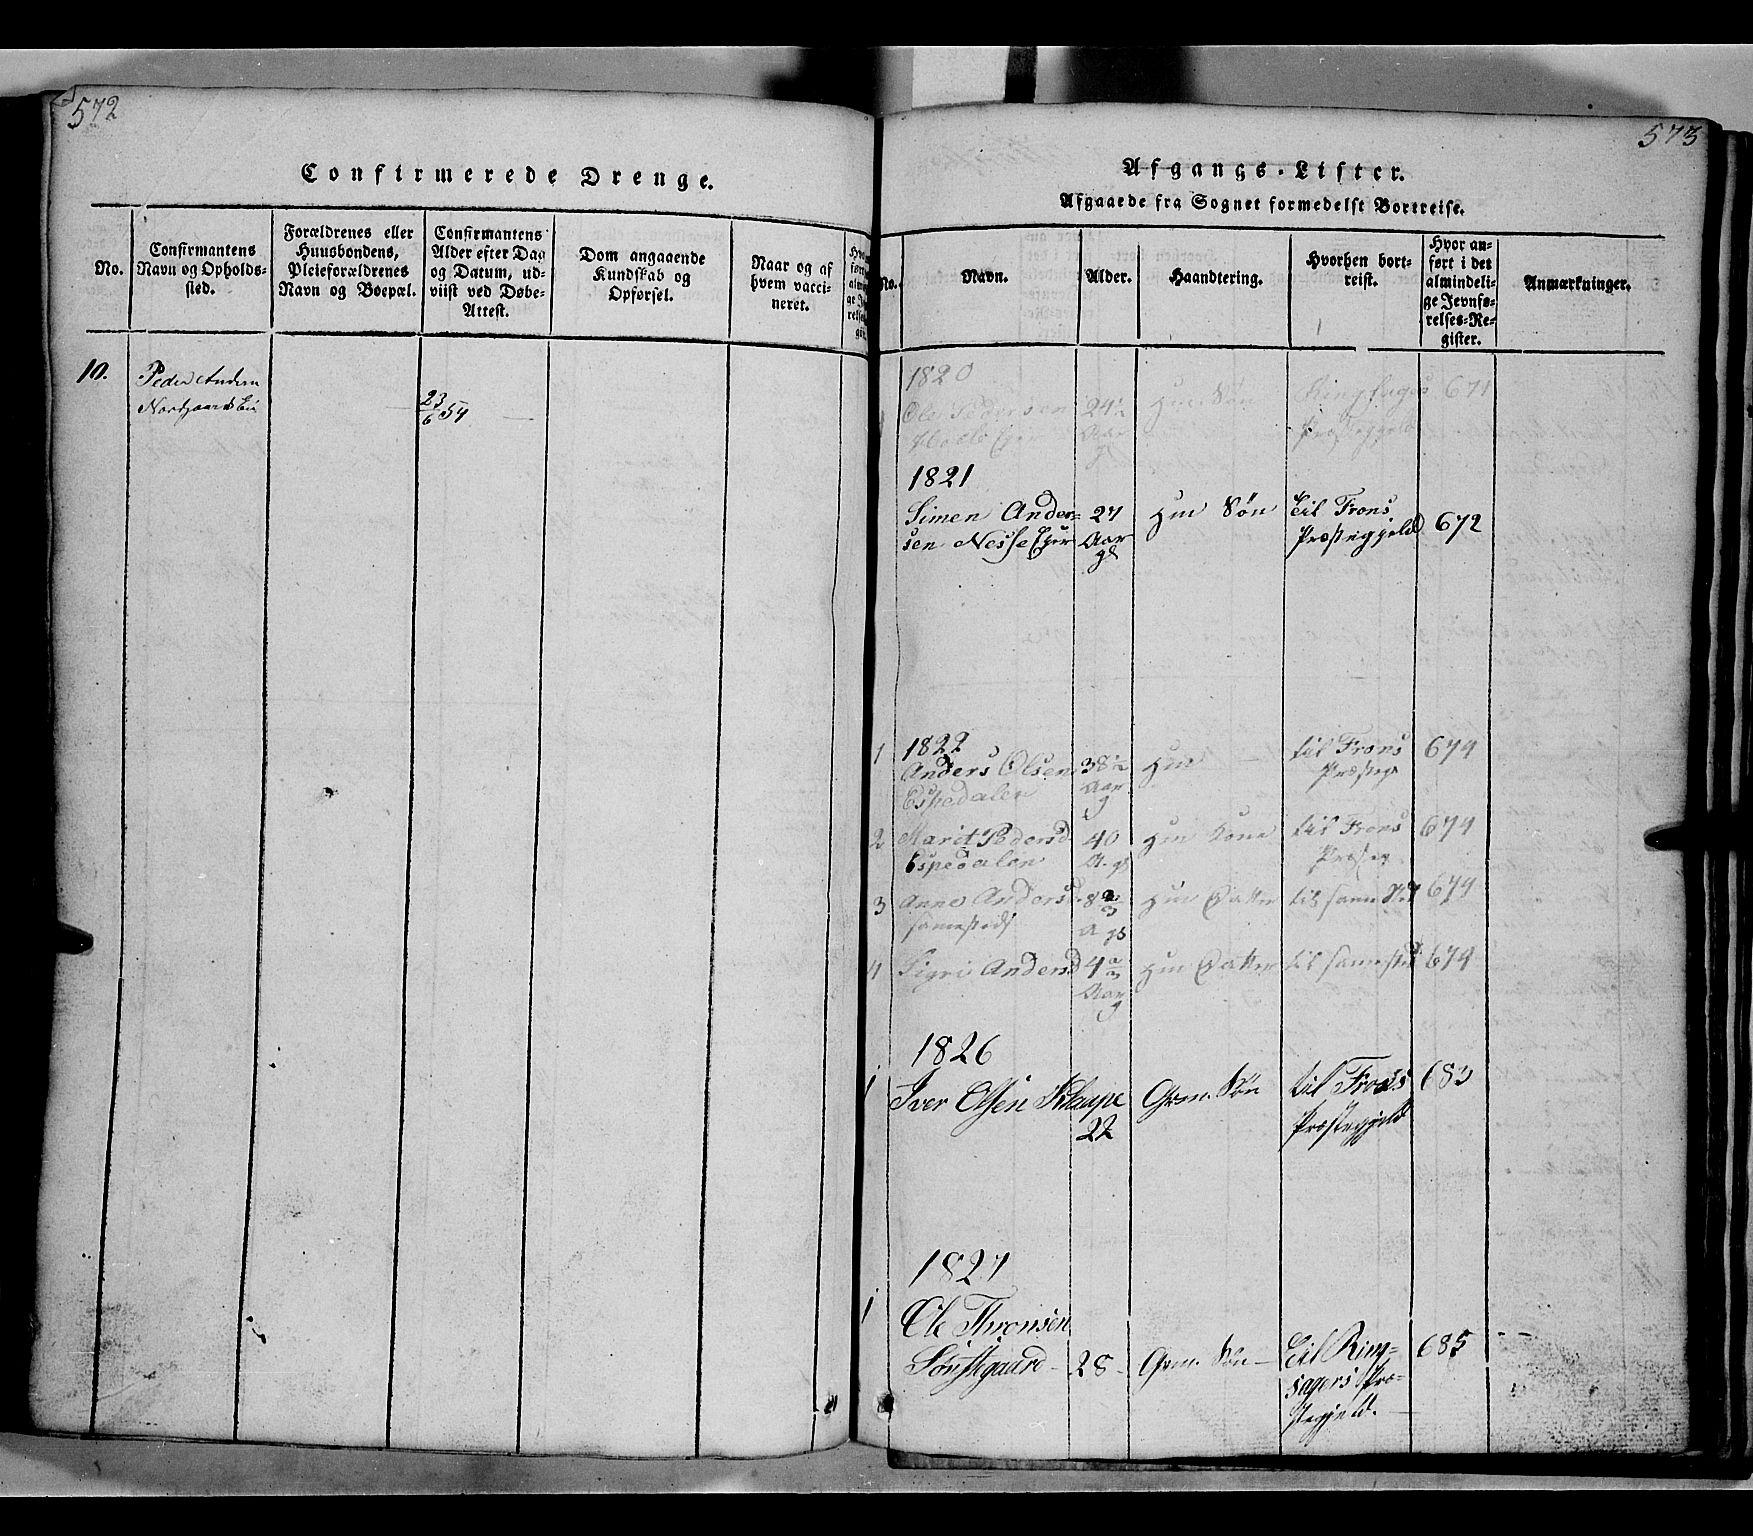 SAH, Gausdal prestekontor, Klokkerbok nr. 2, 1818-1874, s. 572-573